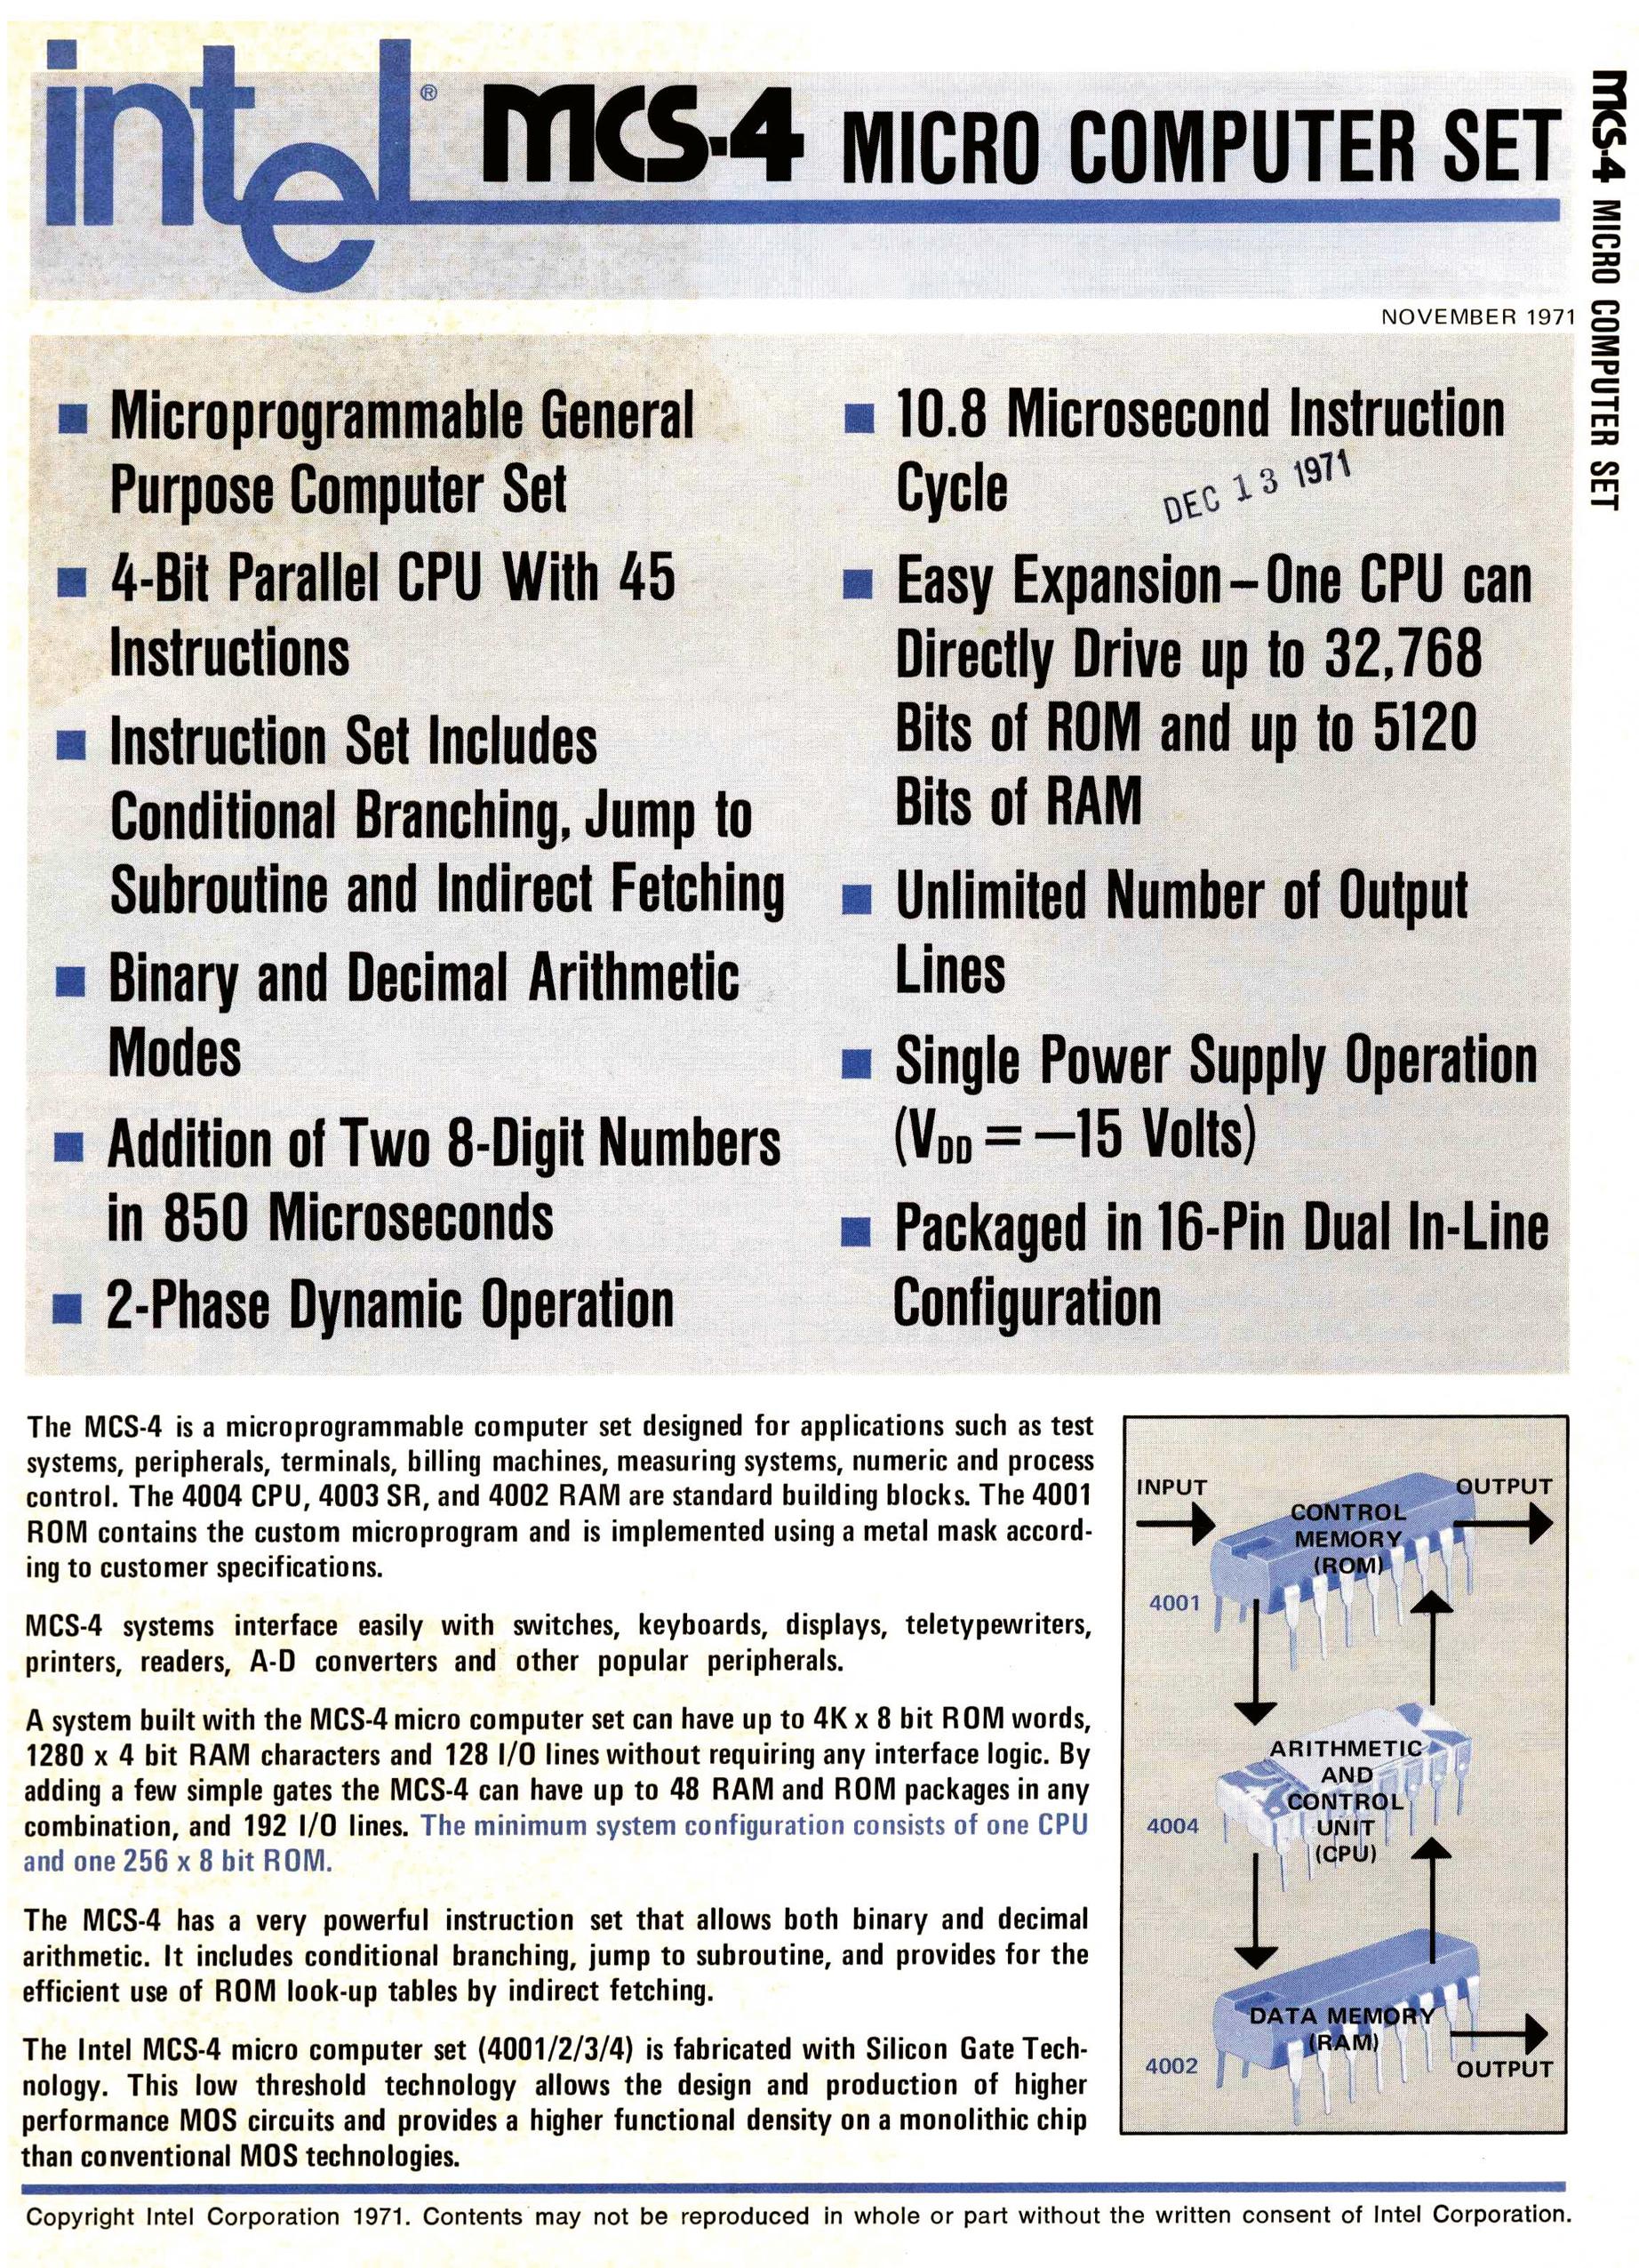 Première page de la fiche technique de la famille de quatre puces MCS-4 dont le microprocesseur Intel 4004 constitue le cœur